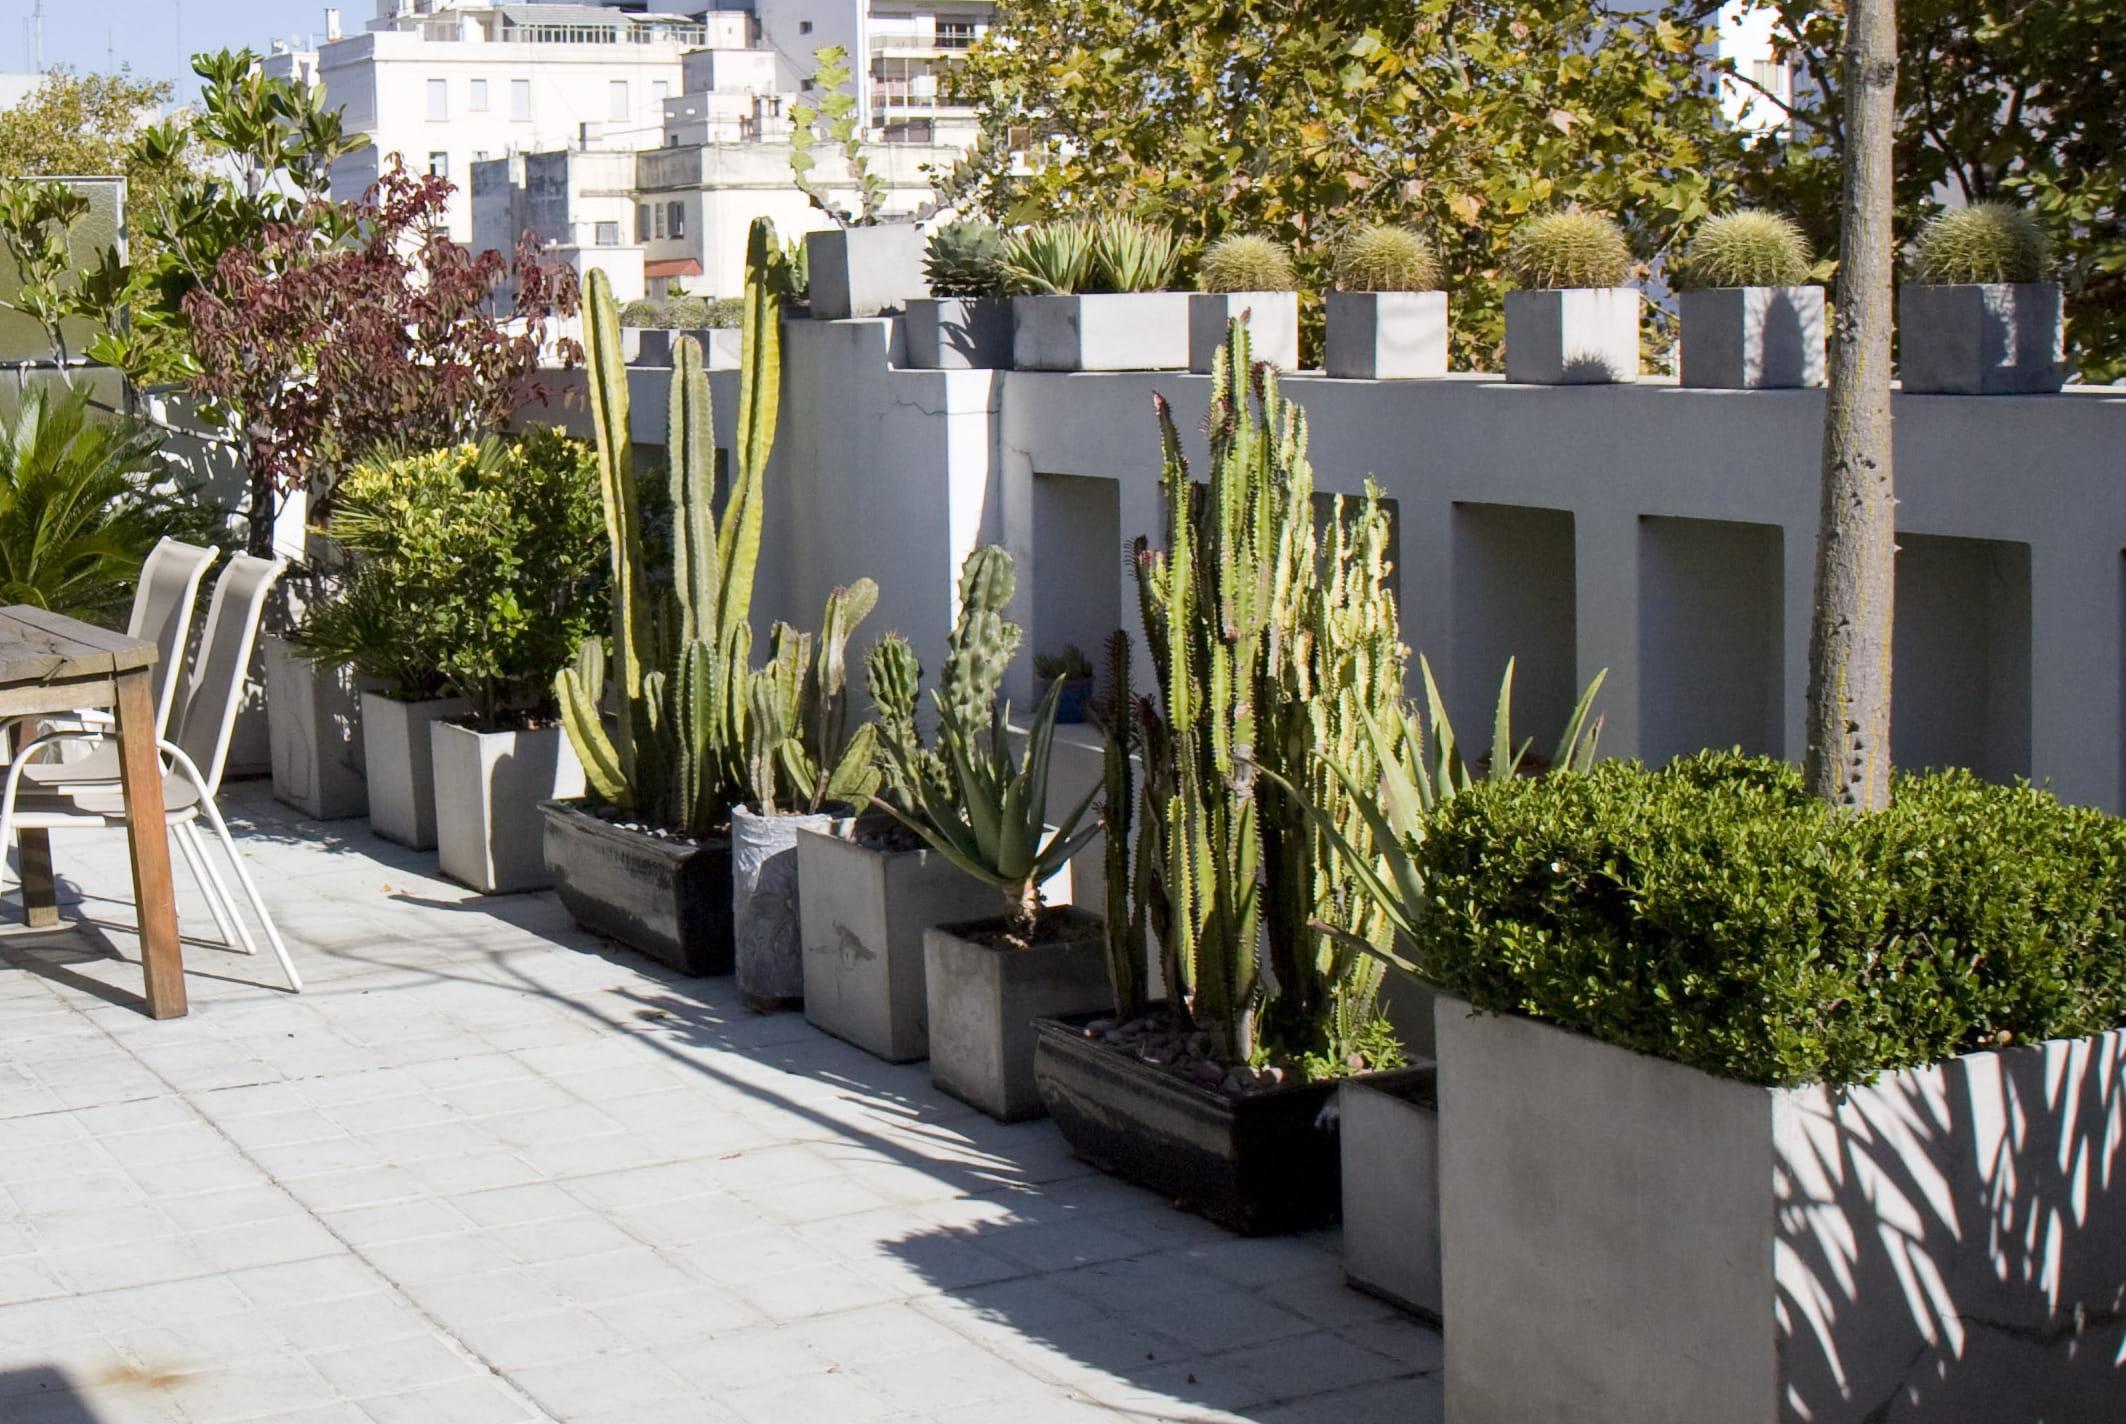 Quelle Plante En Pot Pour Terrasse 8 plantes exotiques pour le balcon